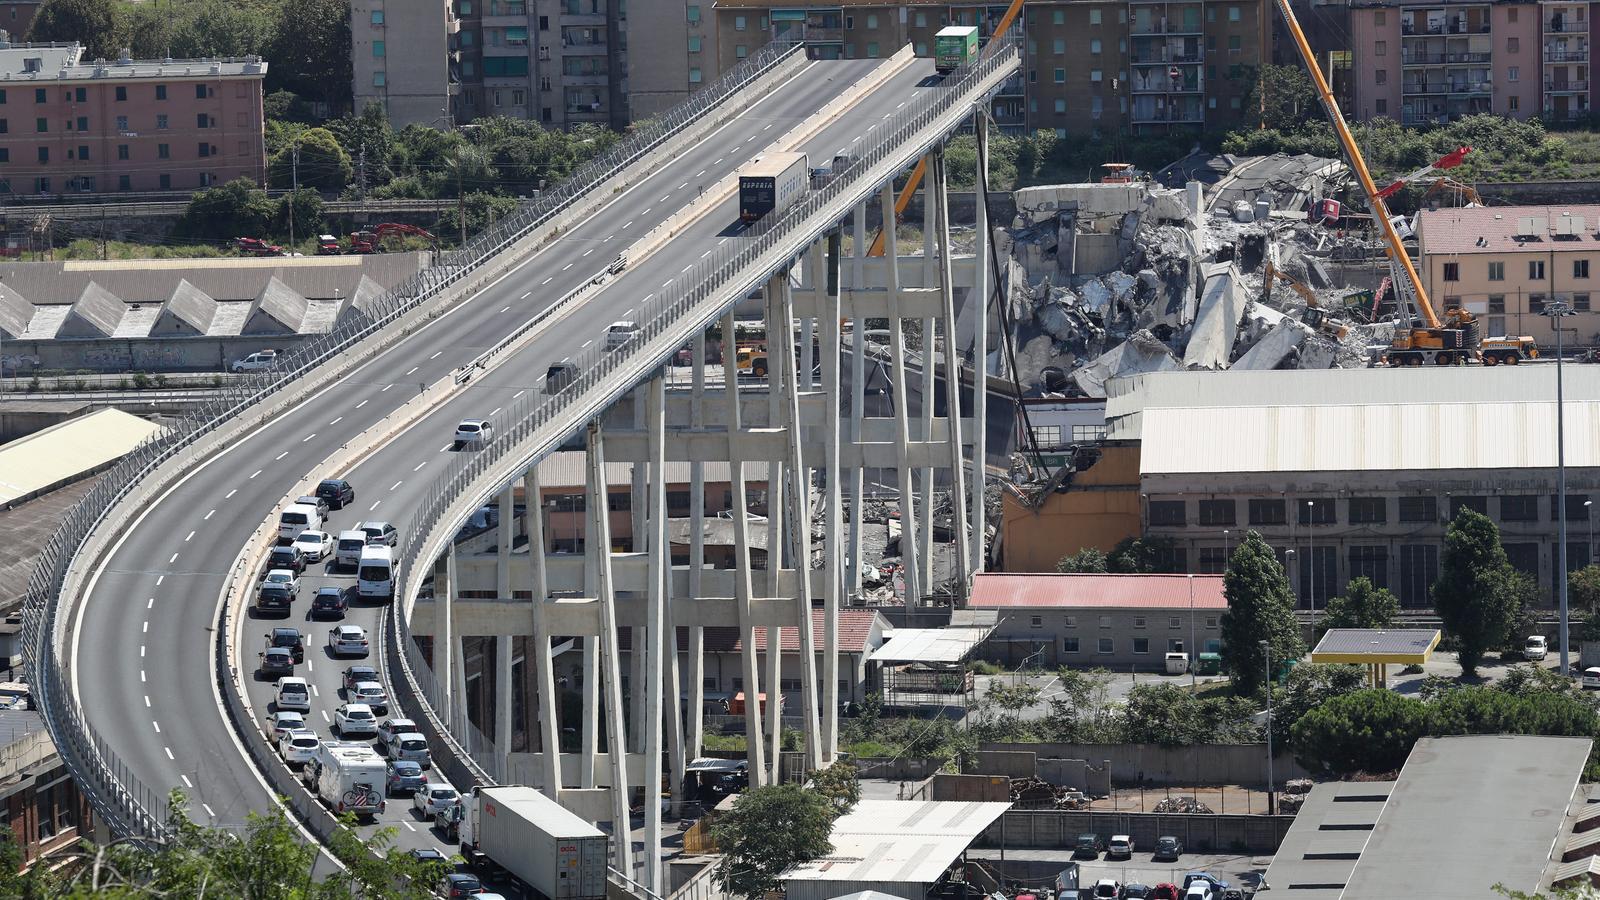 Imatge del pont de Gènova, l'esfondrament del qual va causar almenys 38 morts